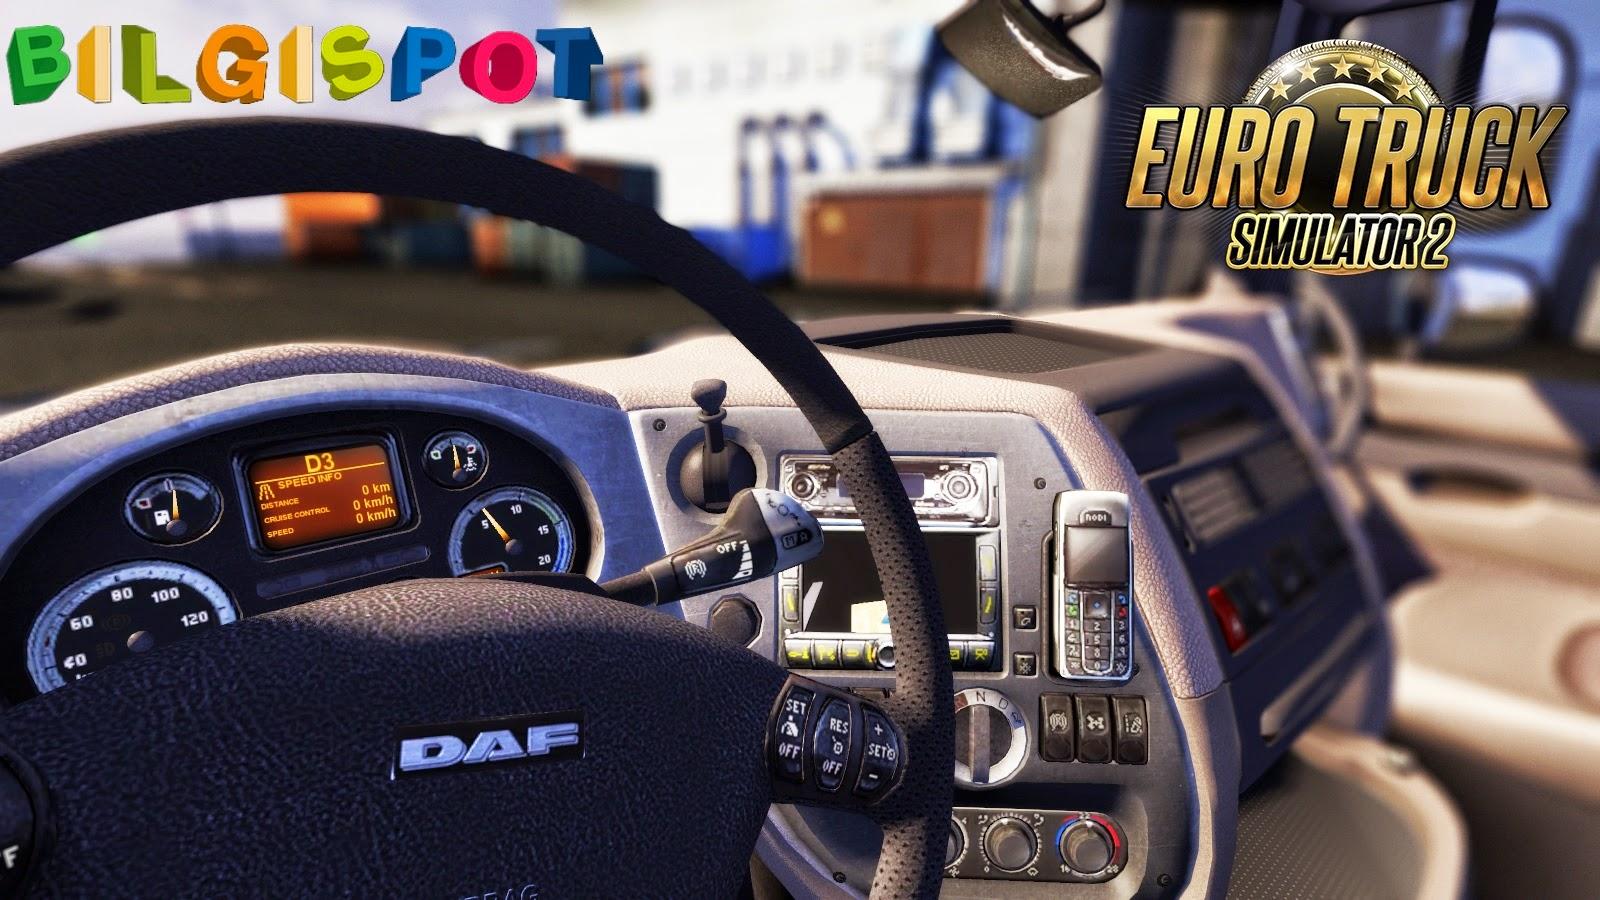 Euro Truck Simulator 2 Çalışmayı Durdurdu Hatası